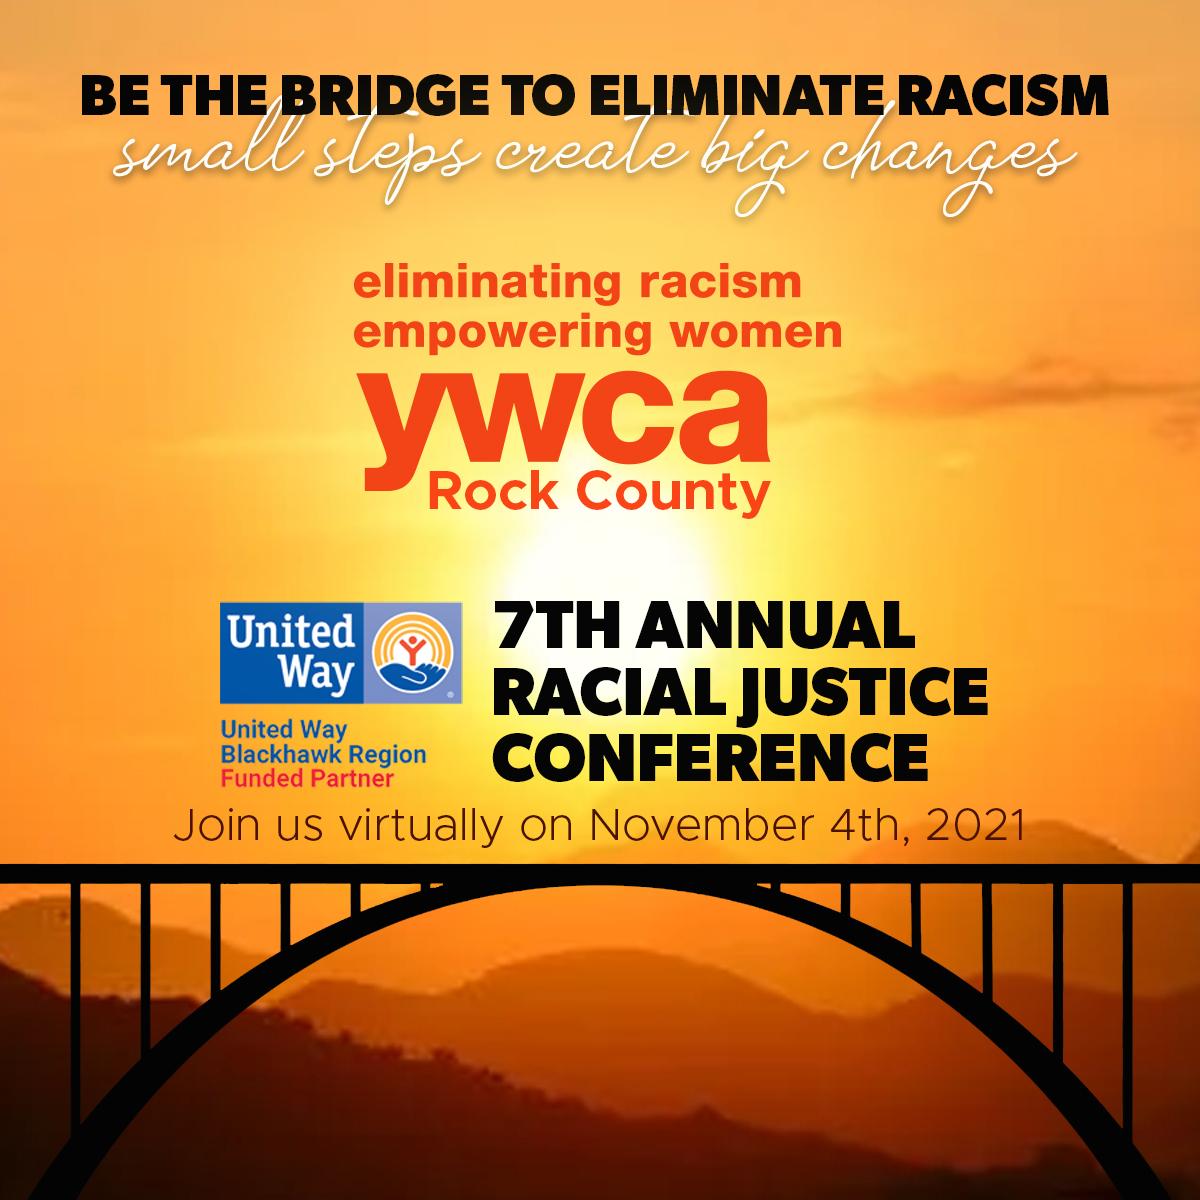 Racial Justice Conference 2021 @ Virtual via Virtual Conference